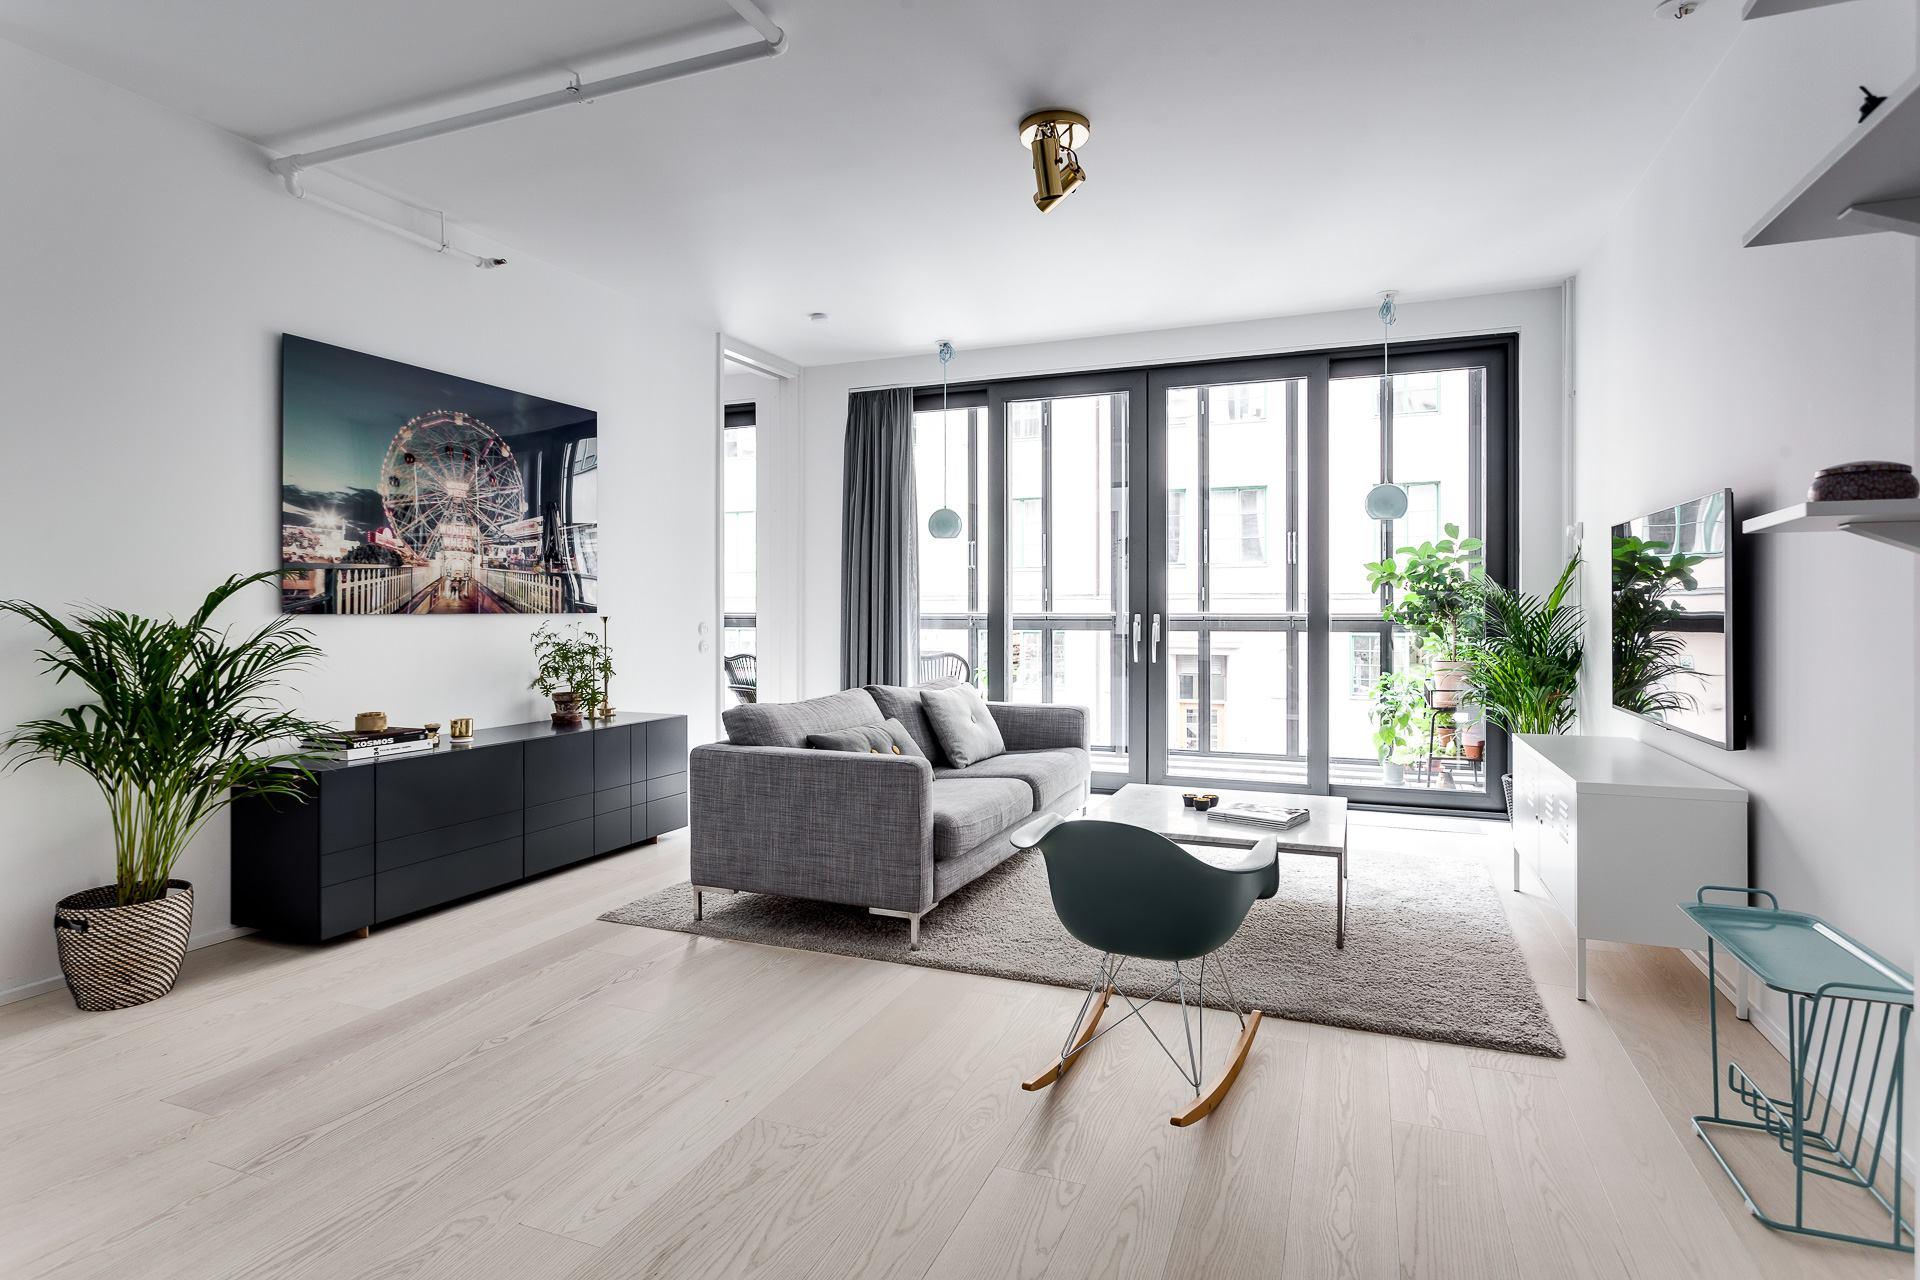 thiết kế nội thất phong cách bắc âu - Nội thất Phú Minh